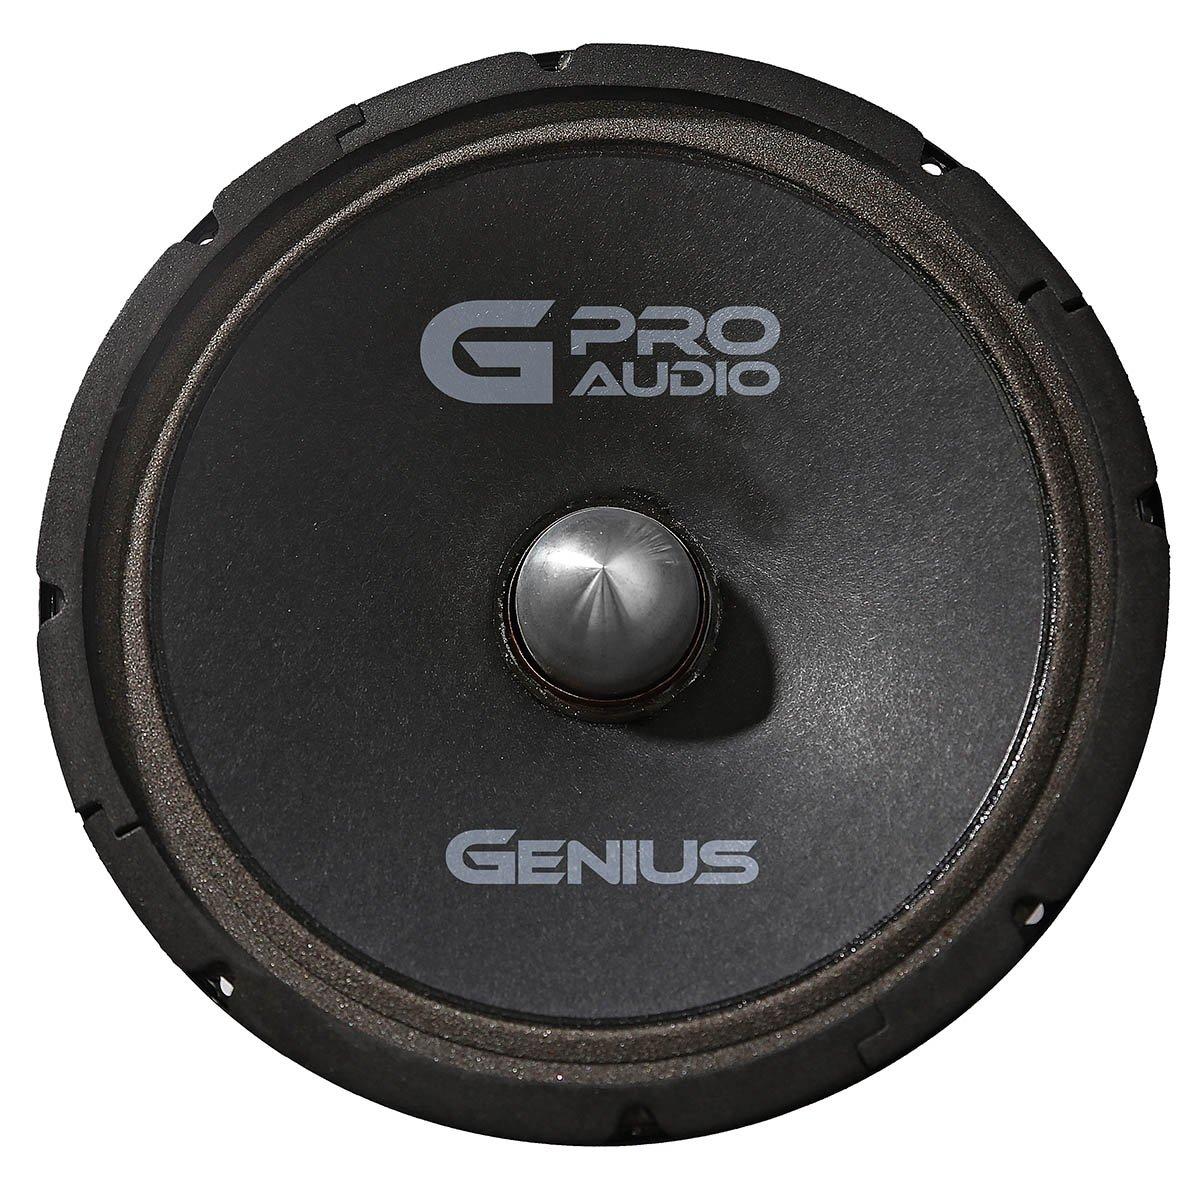 Genius GPRO-M048 8'' 300 Watts-Max Midrange Car Audio Speaker 4-Ohms''Surround Foam''